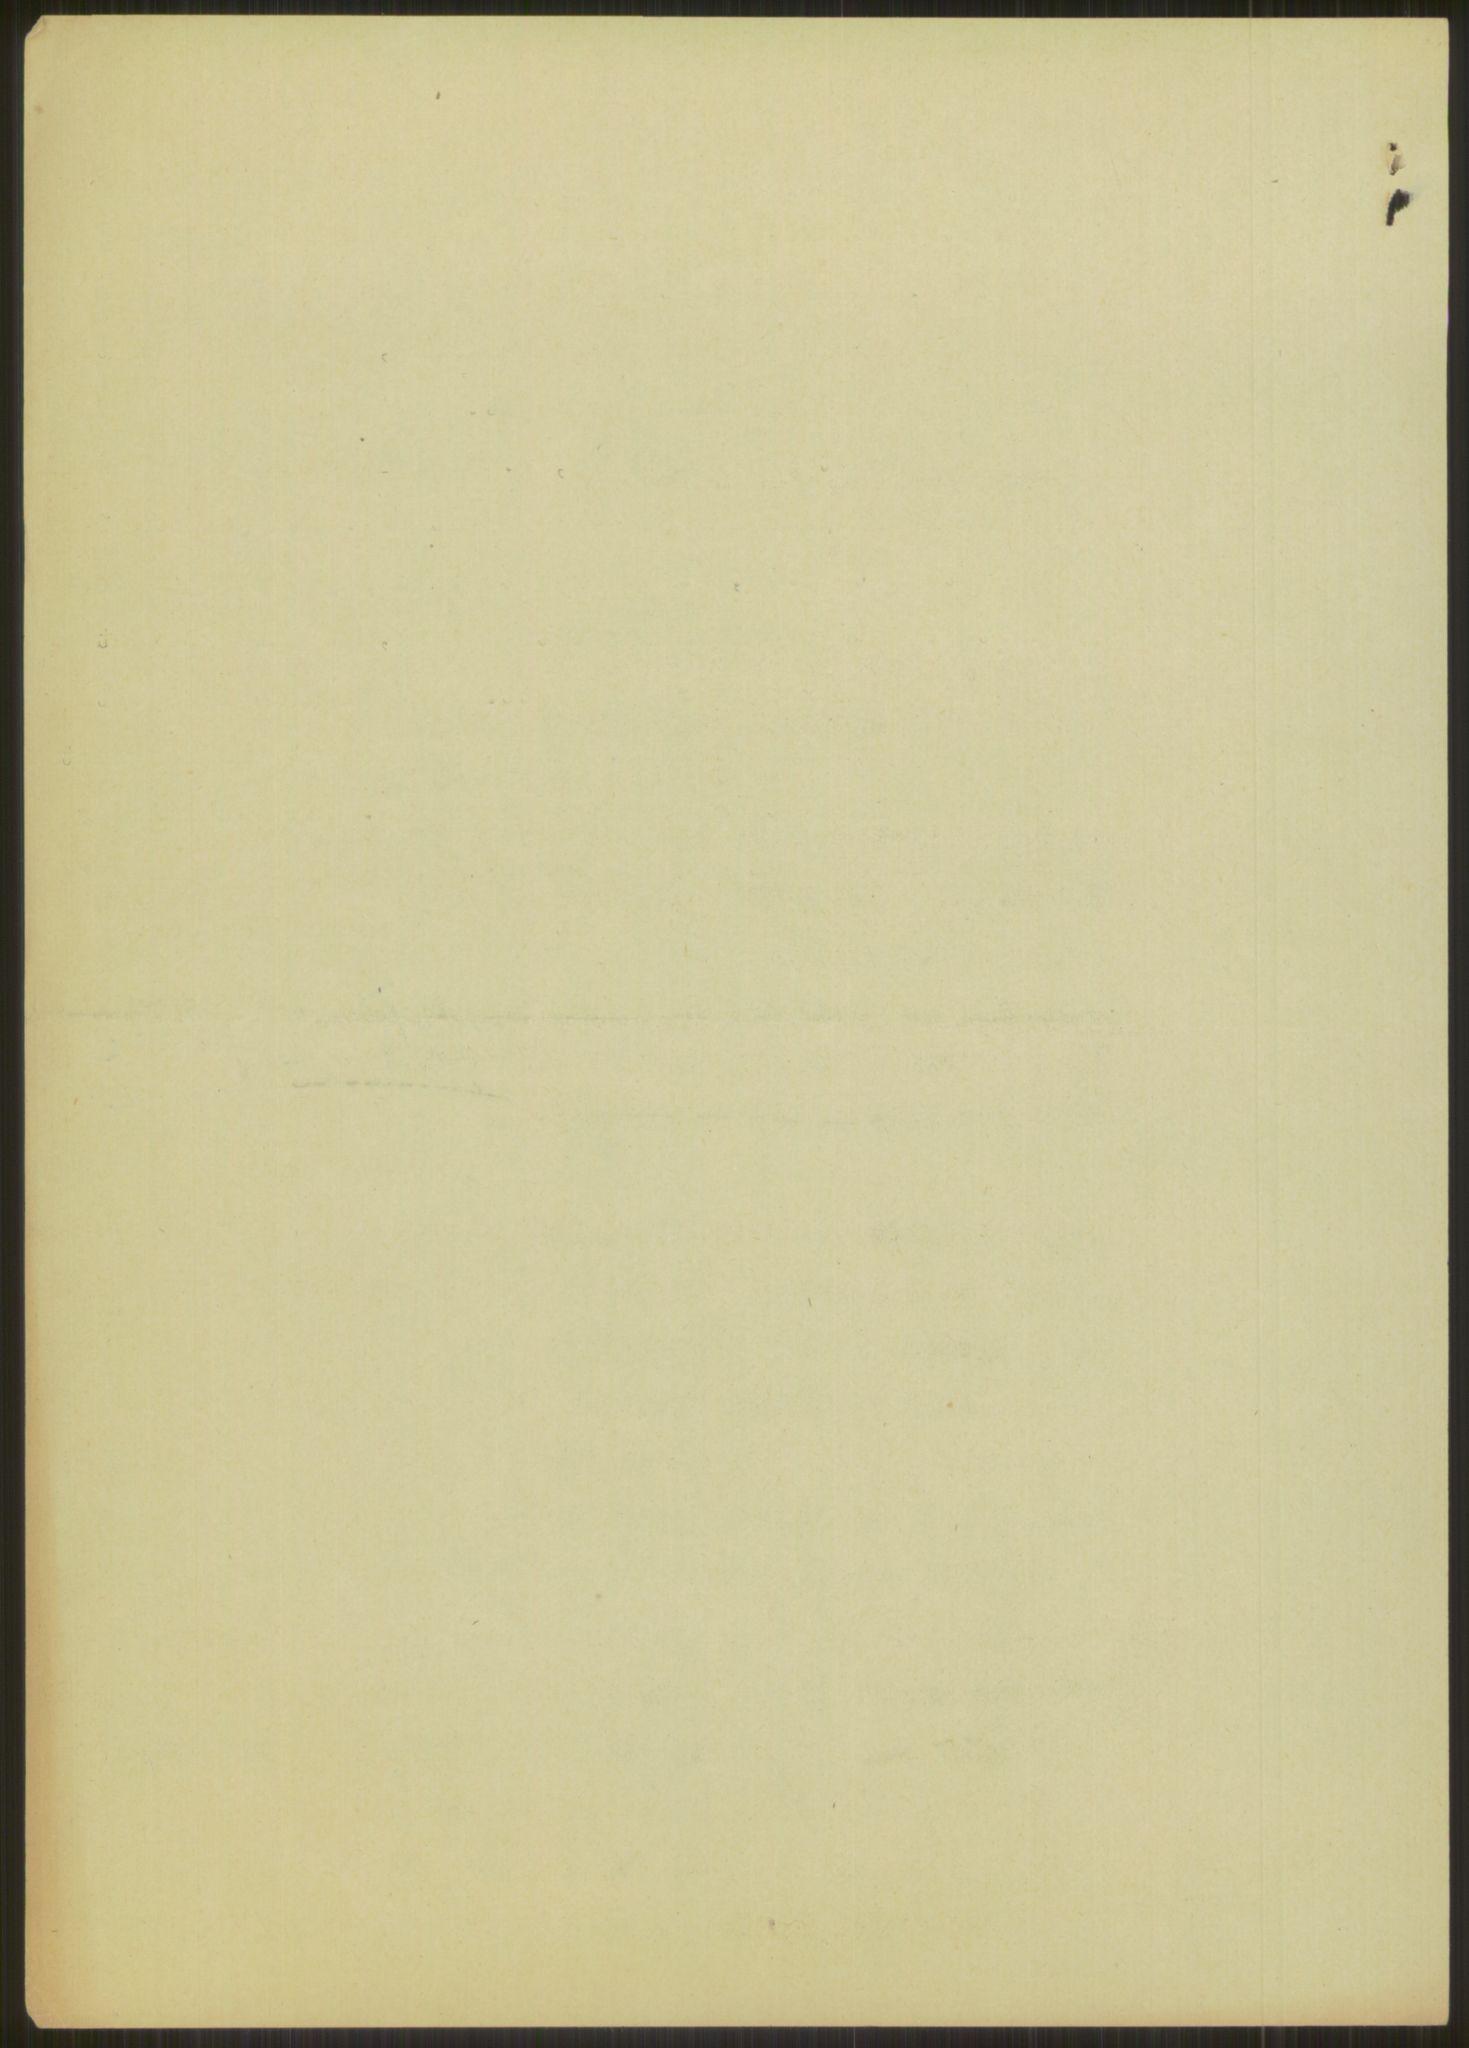 RA, Landssvikarkivet, Oslo politikammer, D/Dg/L0267: Henlagt hnr. 3658, 1945-1946, s. 248